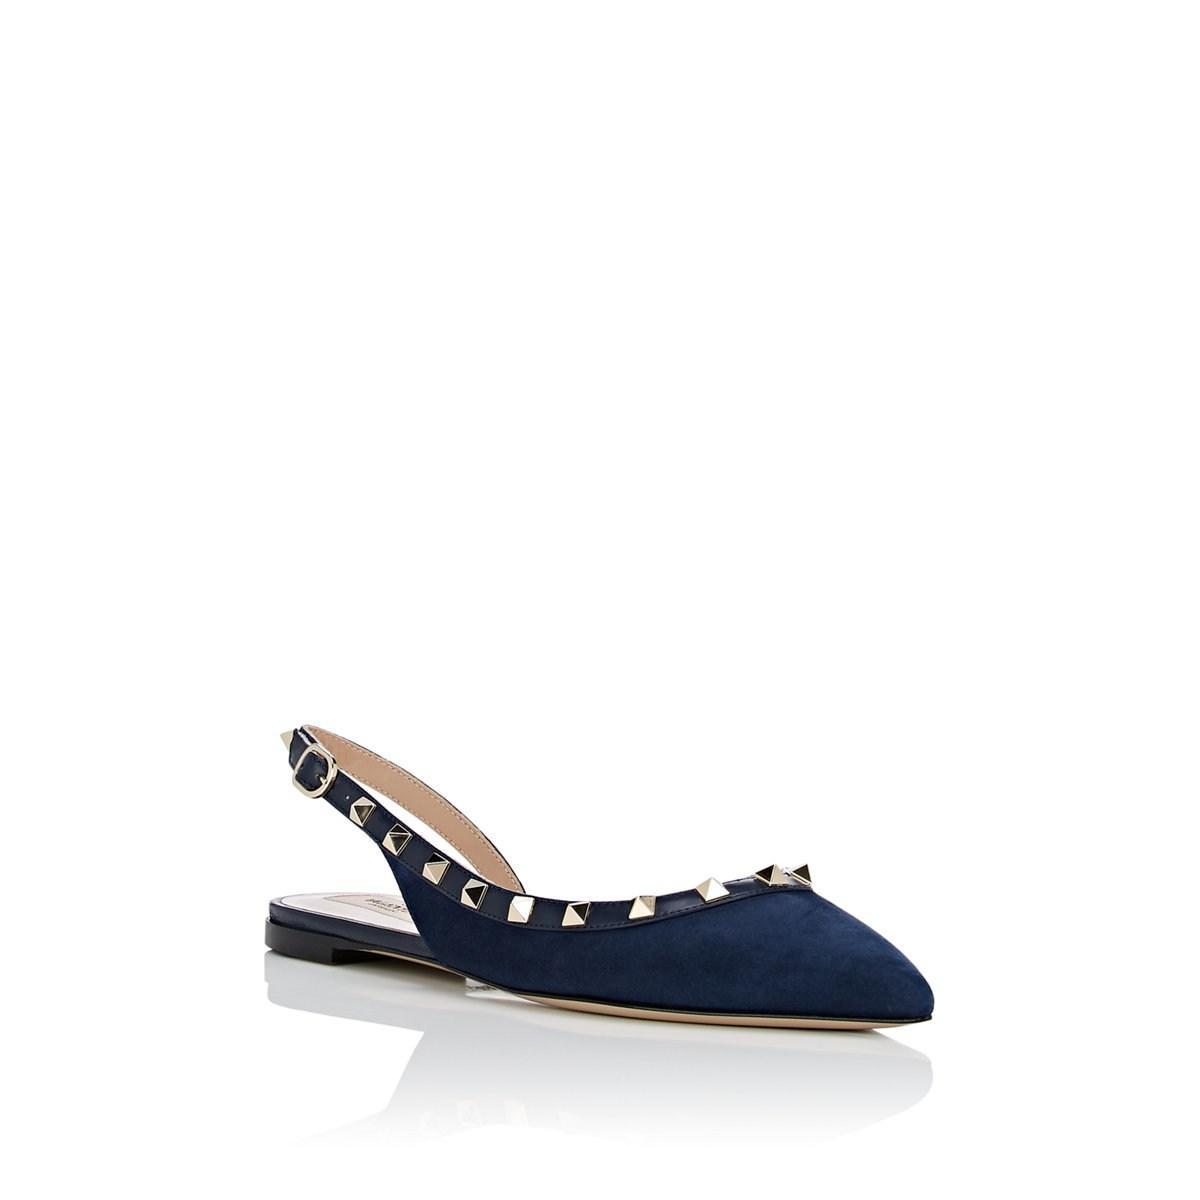 37563b6f5b20 Valentino - Blue Rockstud Suede Slingback Ballet Flats - Lyst. View  fullscreen